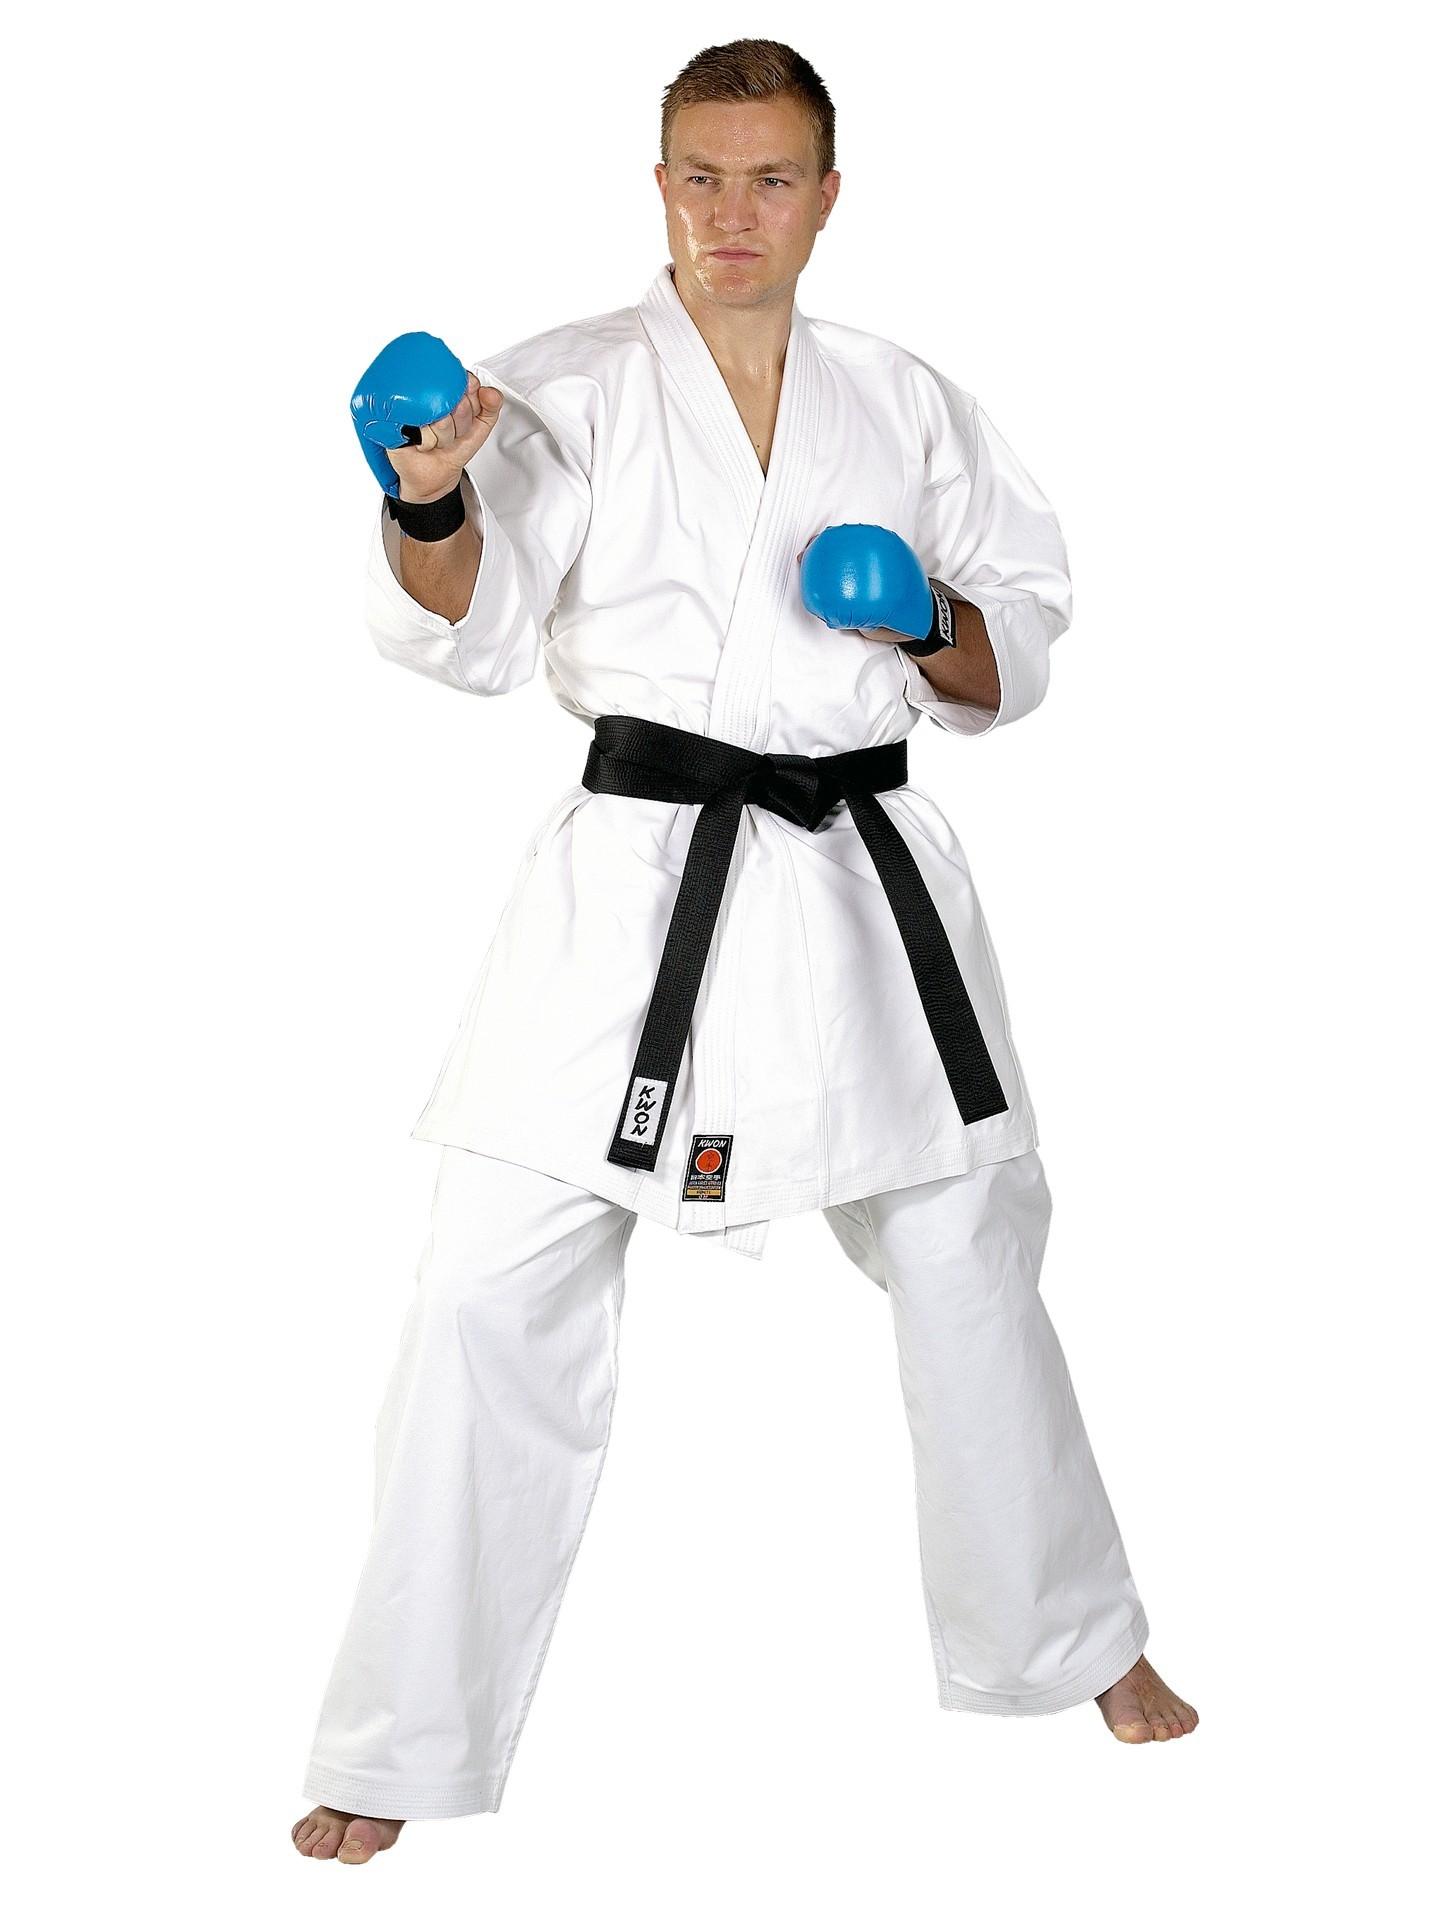 Karate kimono KWON kumite 12oz. su shinkyokushin ženklu